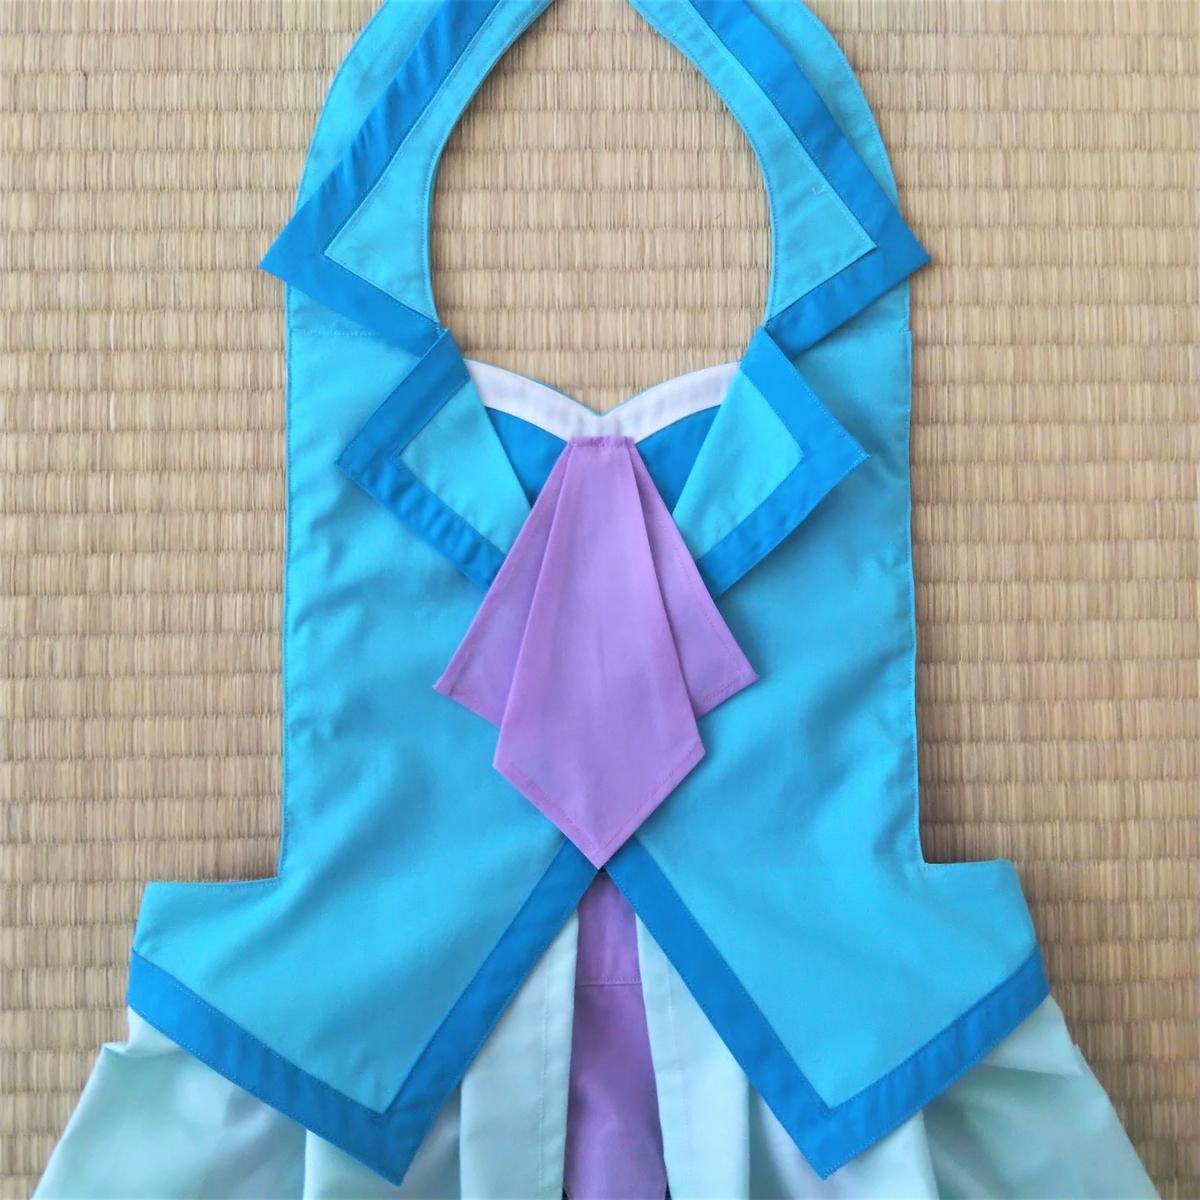 『キュアフォンテーヌの衣装』チーフ③